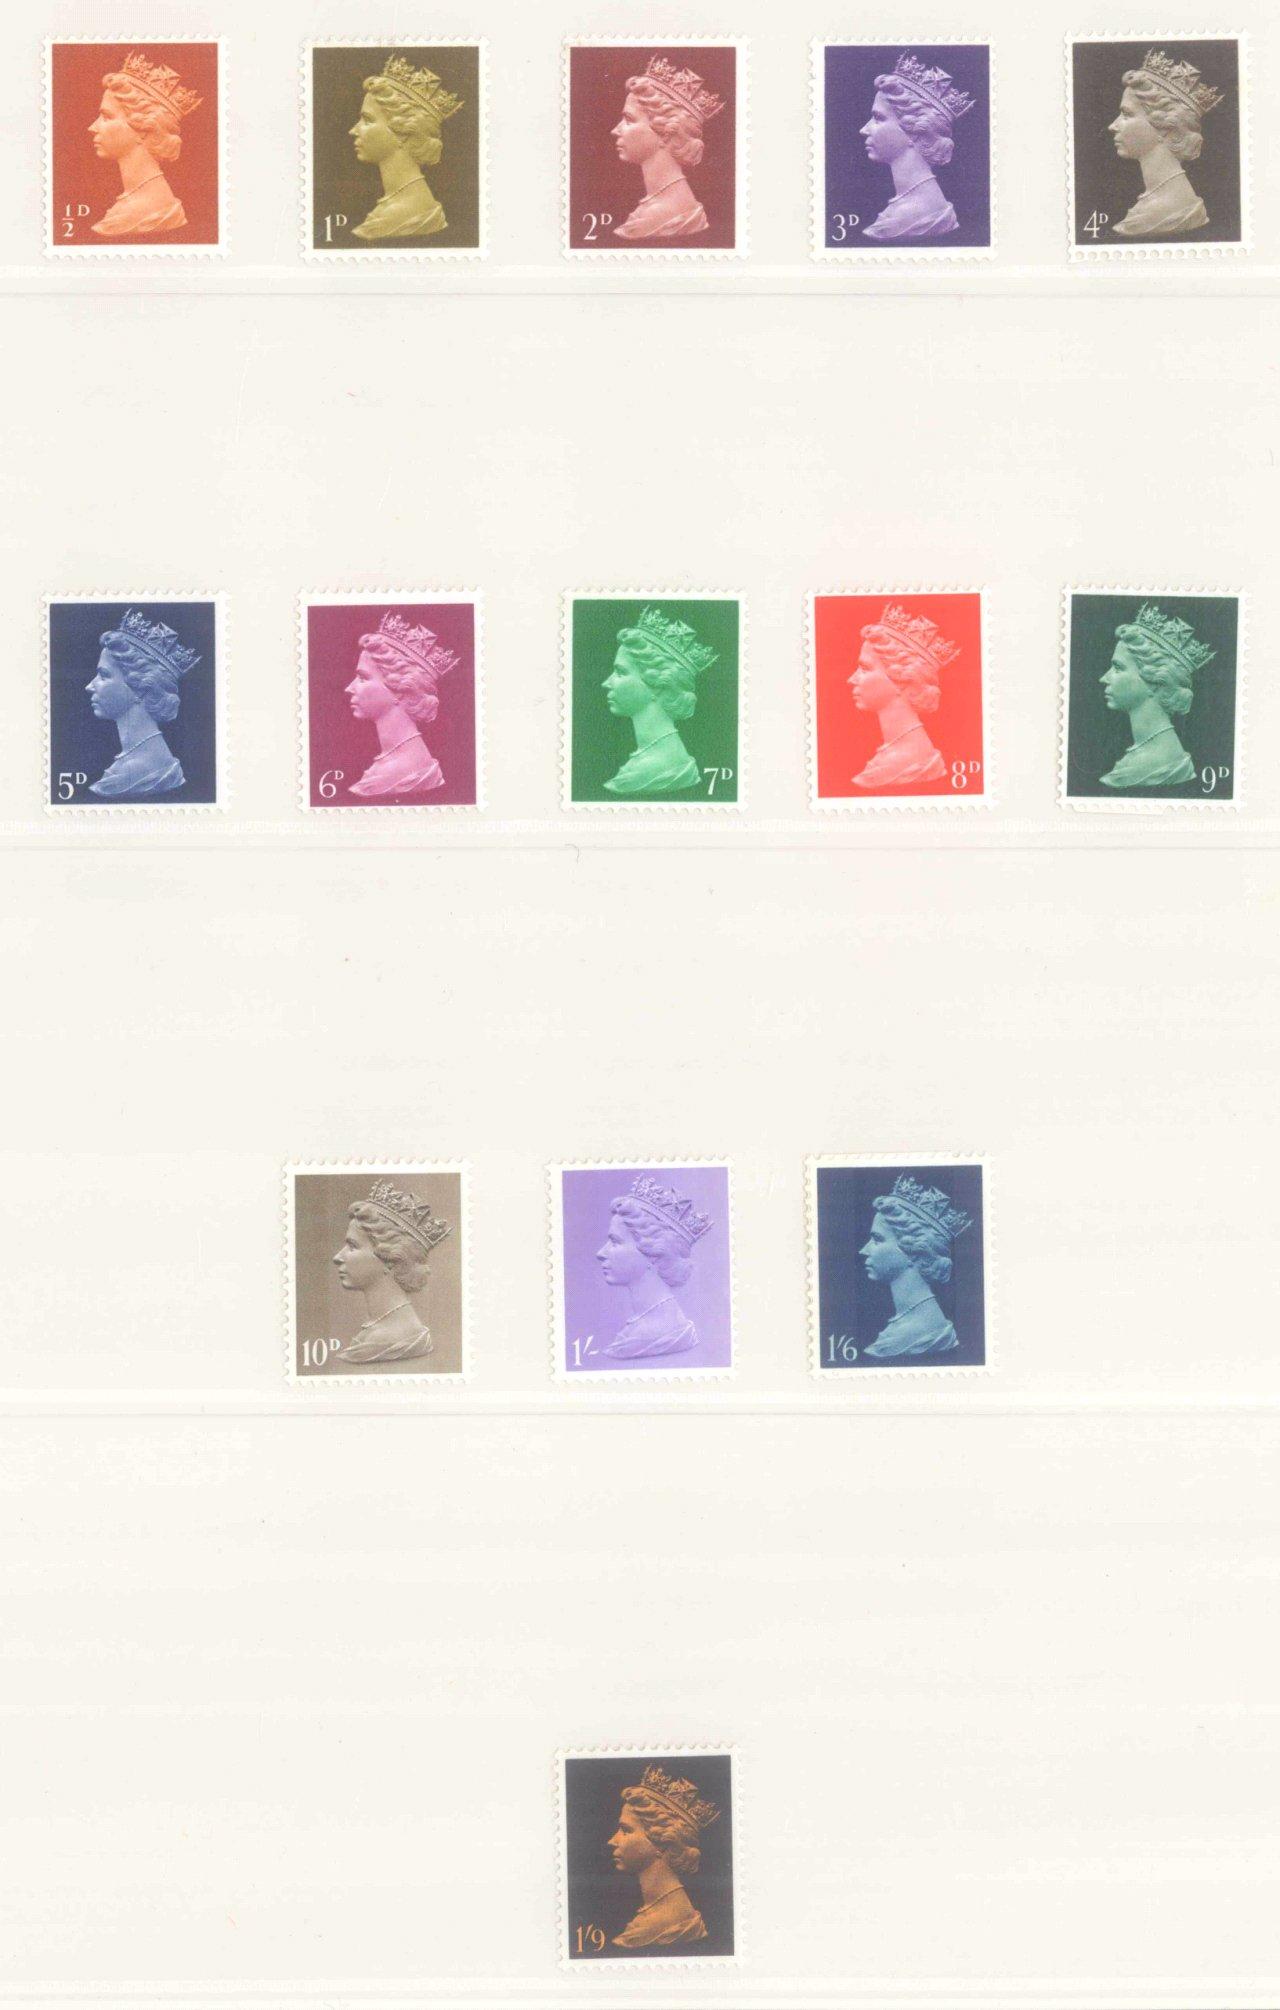 GROSSBRITANNIEN 1967-1985, NOMINALE: 82,- BRITISCHE PFUND